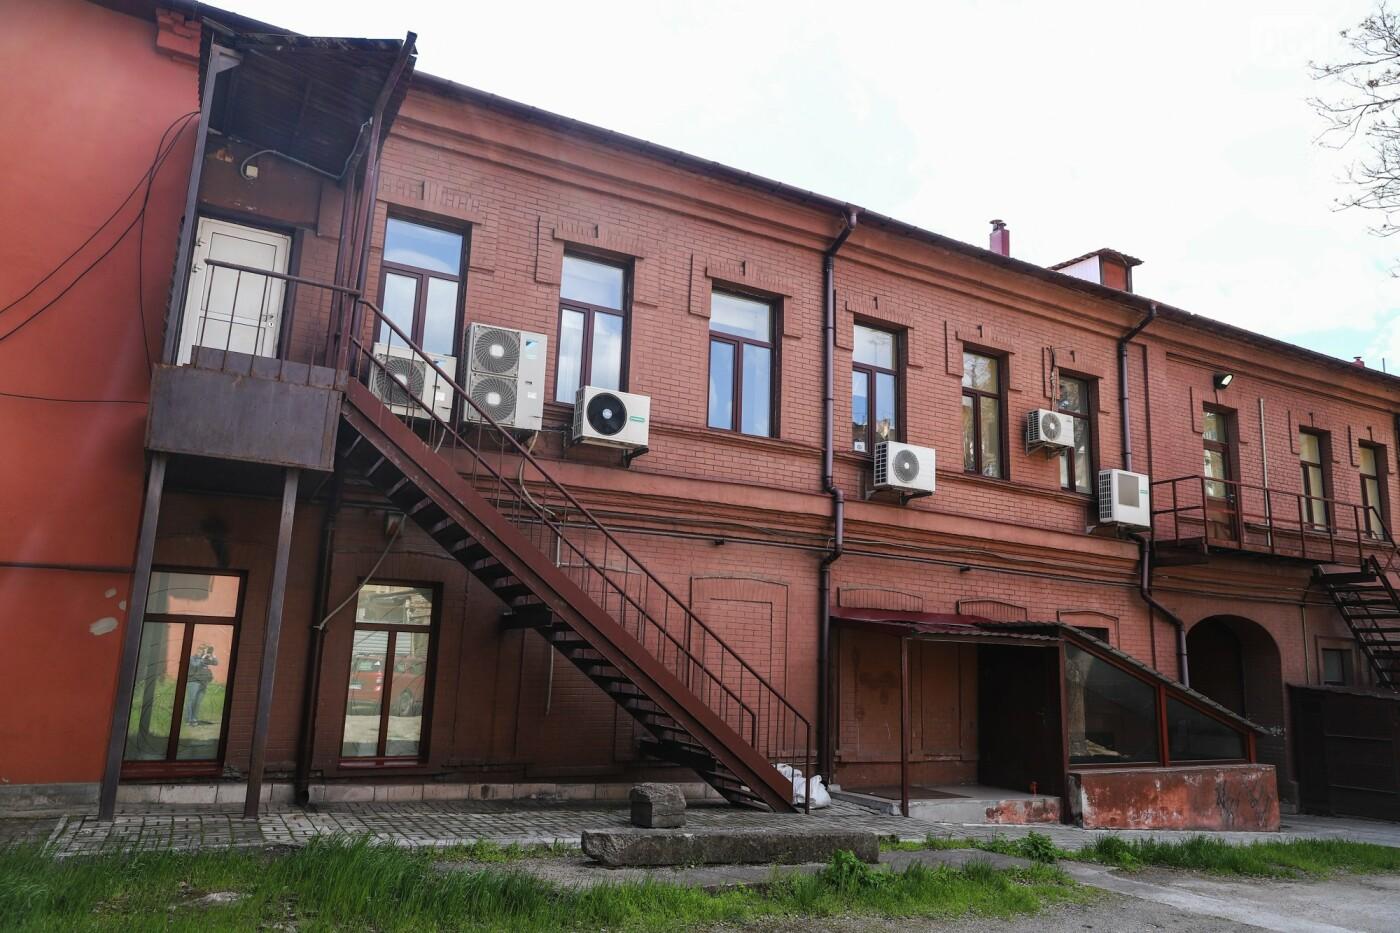 Памятники Старого Александровска: как сейчас выглядит доходный дом Регирера, - ФОТО, фото-19